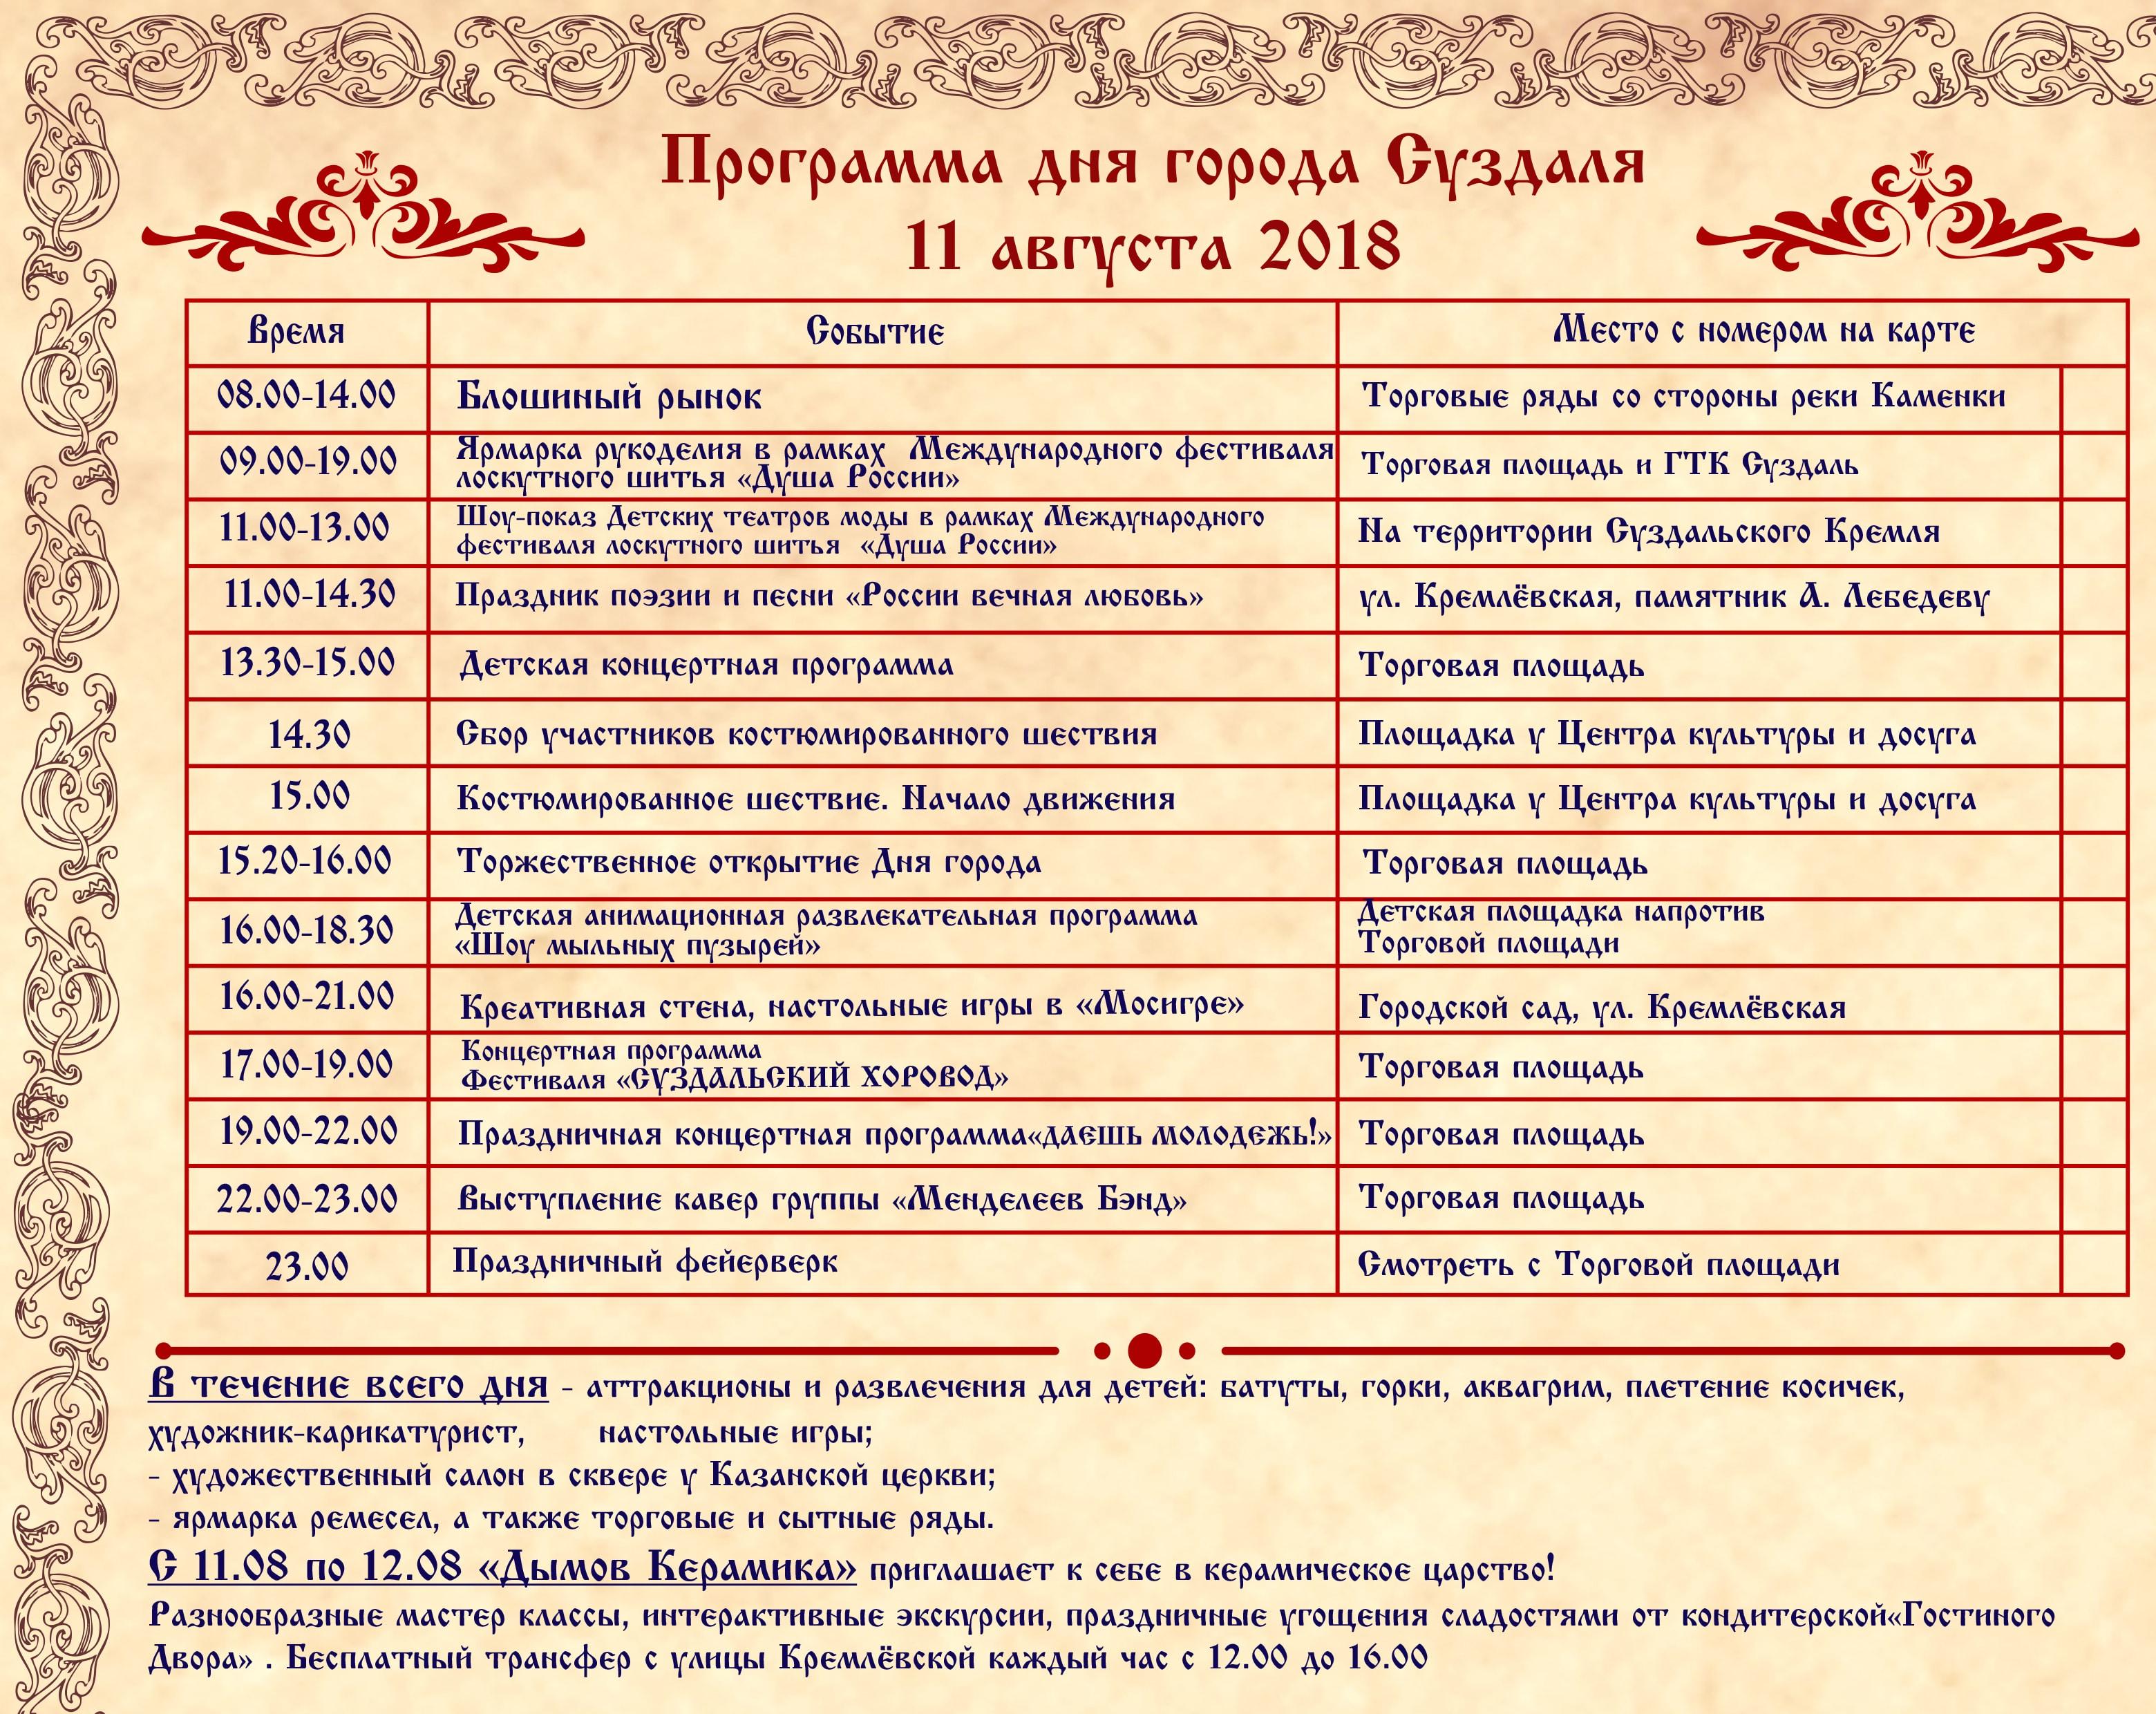 День города Суздаль 11 августа 2018 года – программа мероприятий, салют